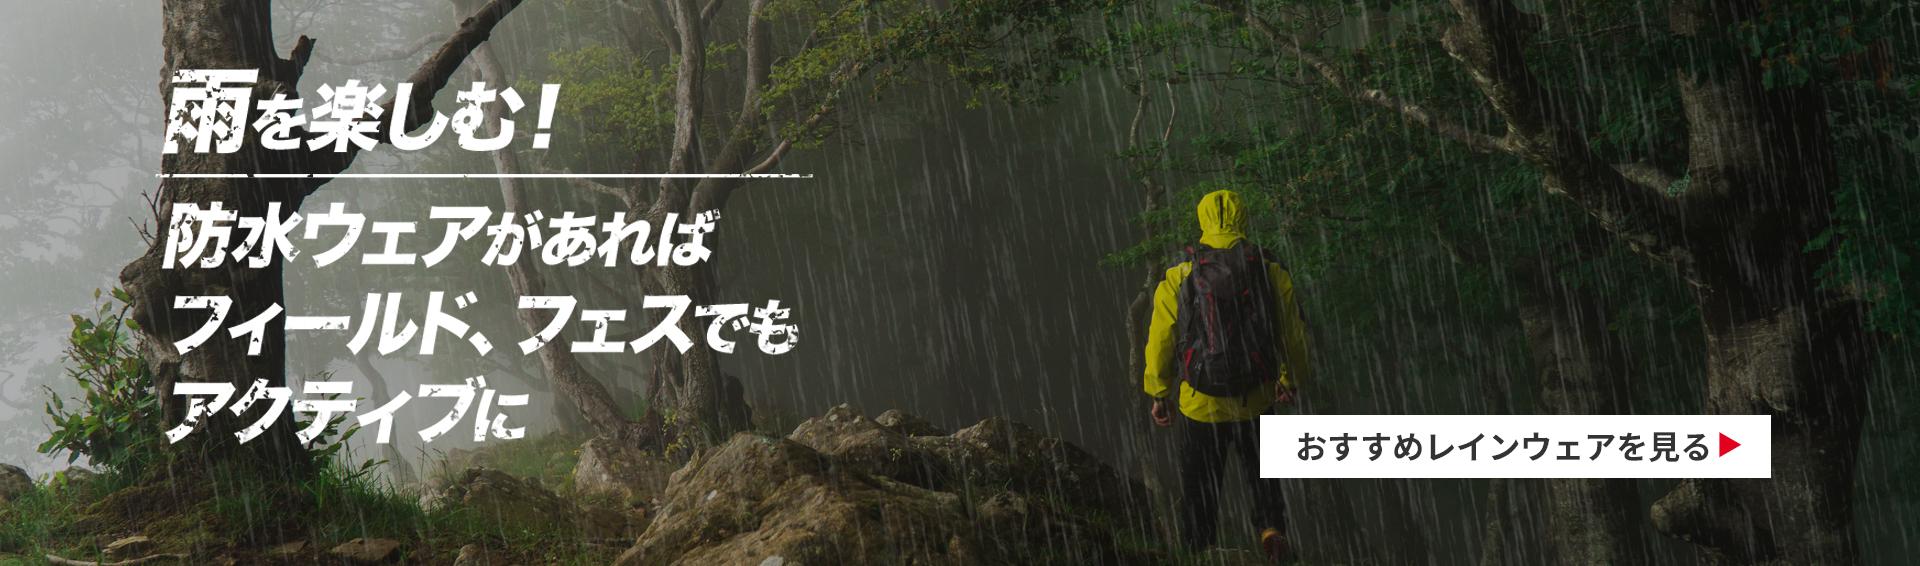 top_rainwear_pc.jpg